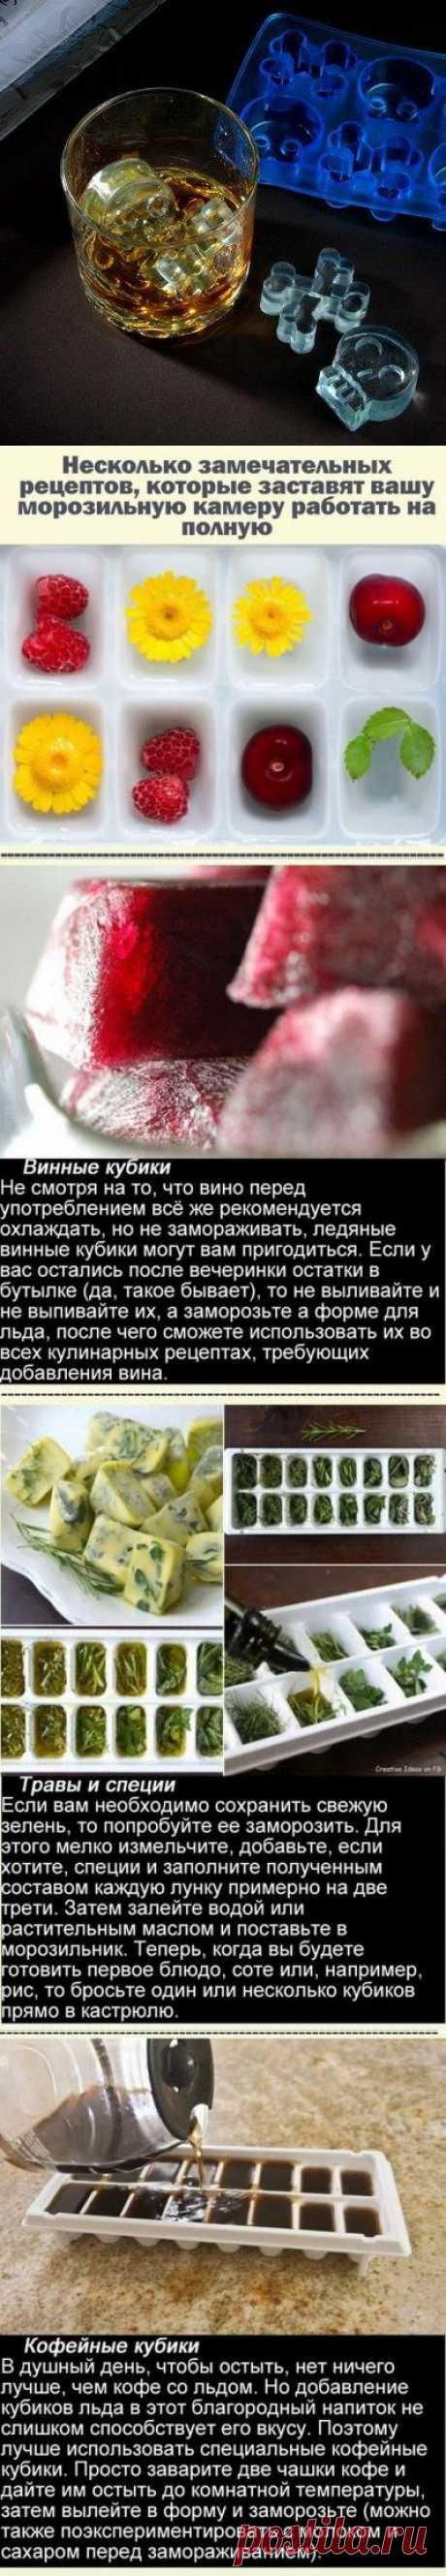 Los modos insólitos del uso de las formas para el hielo \/ las Personas caseras